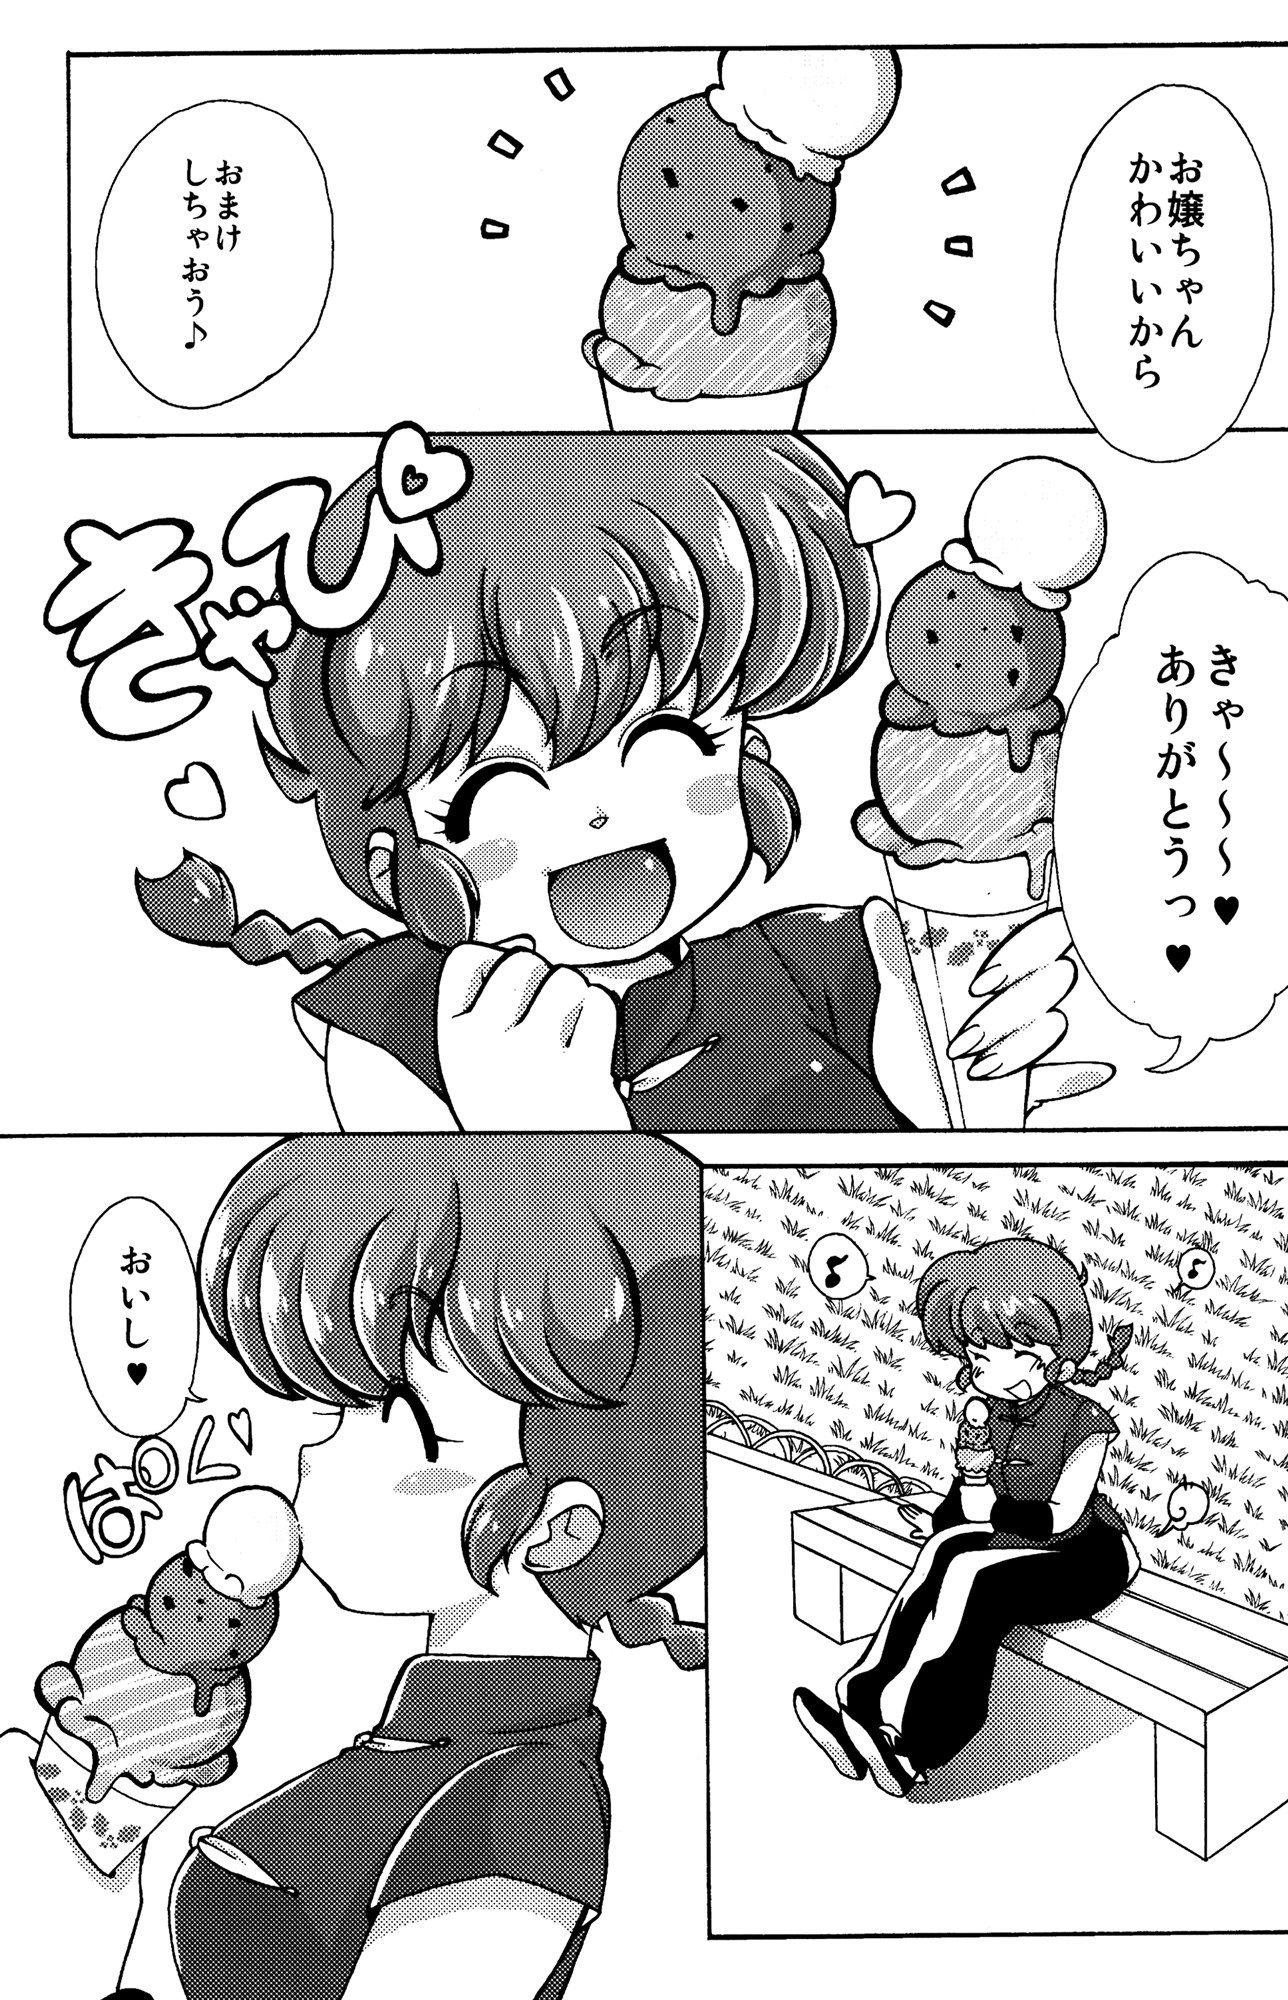 【エロ漫画】食べるの大好きな早乙女乱馬が媚薬入りクッキー食べてムチムチ巨乳ボディで九能帯刀を痴女って激しいフェラに中出しセックスしちゃってますwwwww